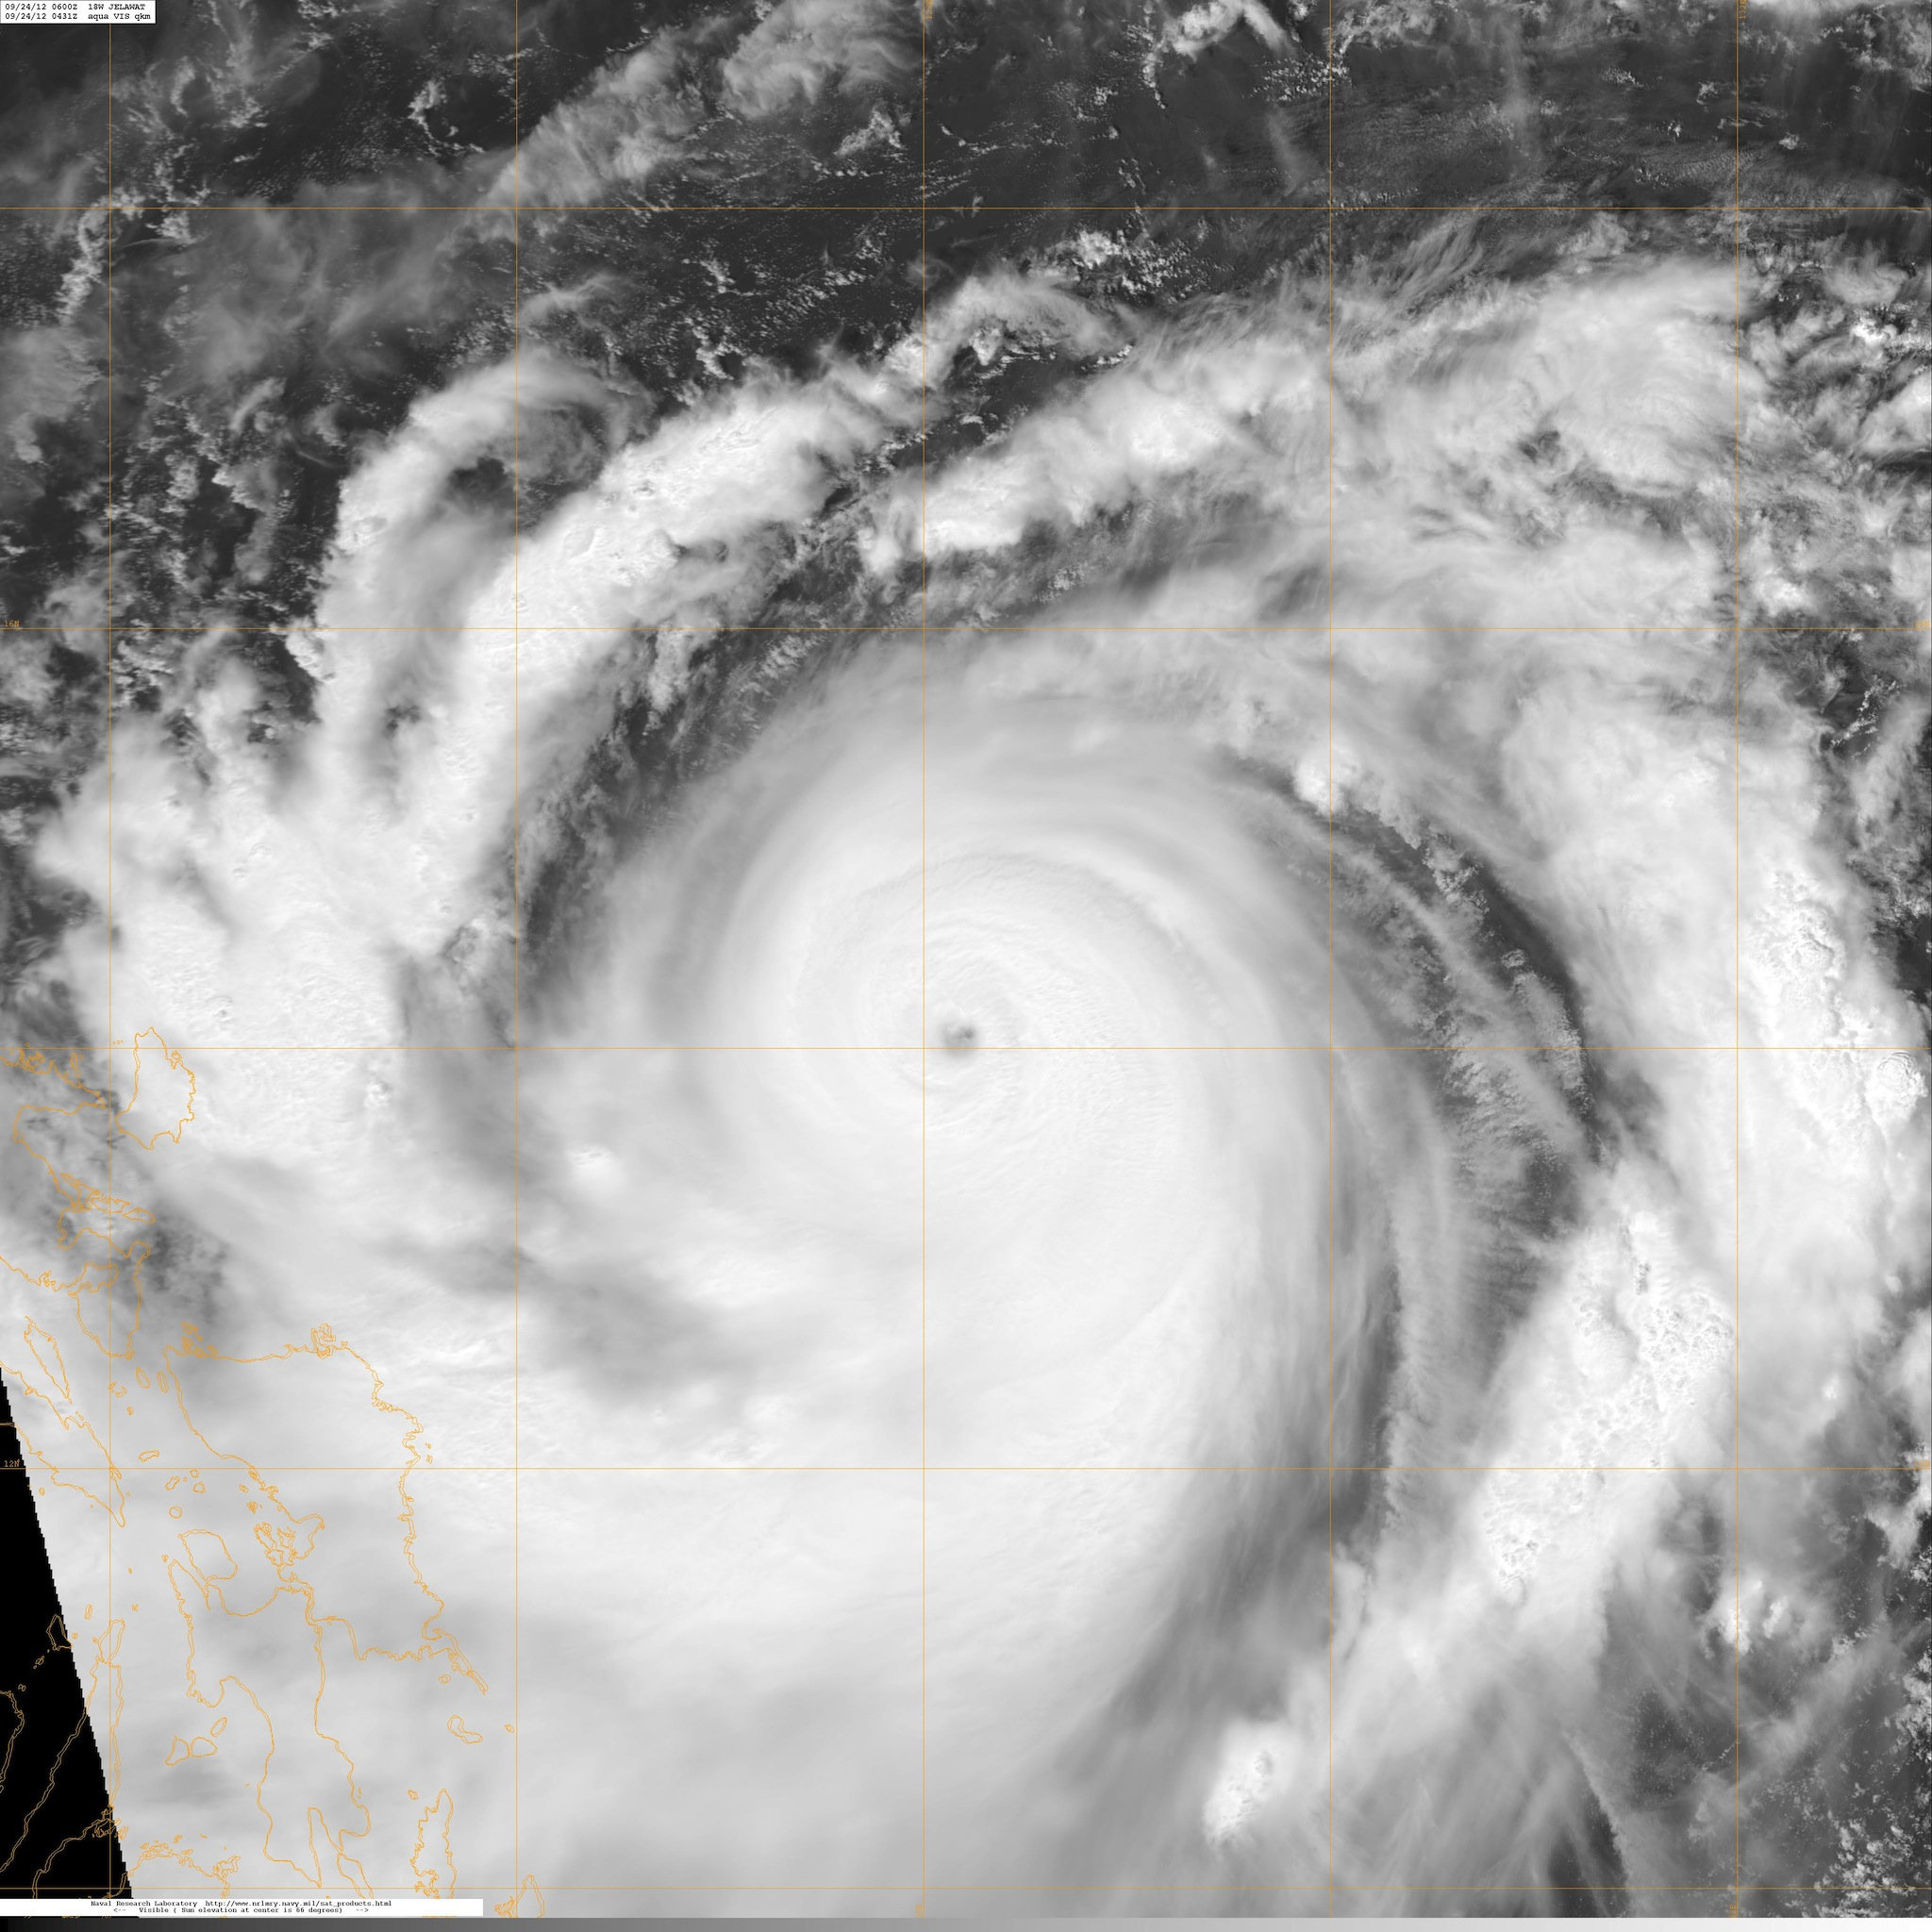 Nadine vivita y coleando, vista por el satélite AQUA hace unas horas. Foto NASA.